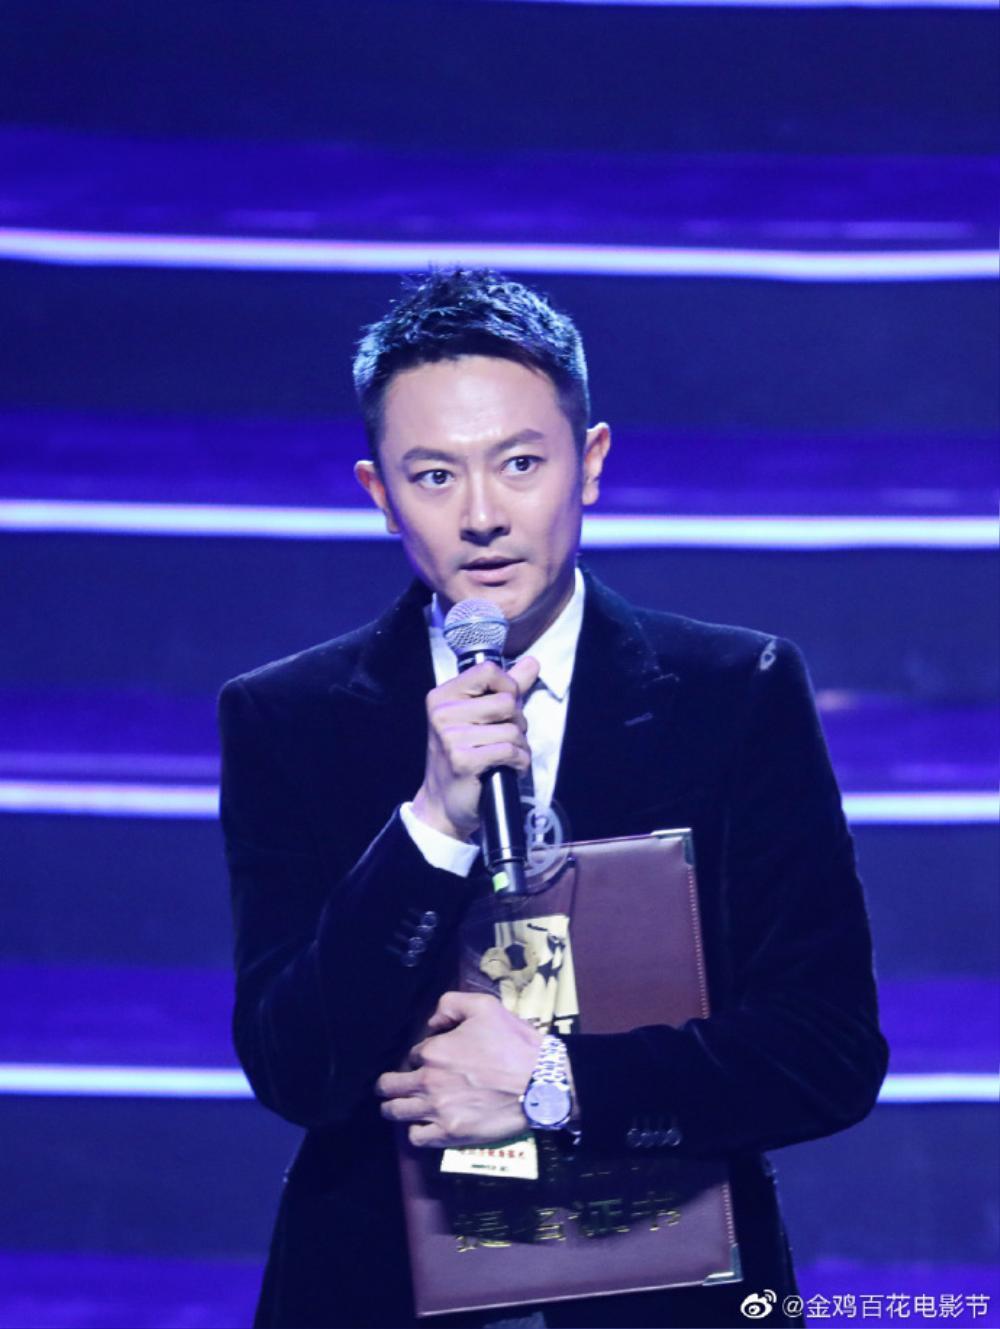 Dịch Dương Thiên Tỉ - Châu Đông Vũ cùng nhận thưởng đề cử, Huỳnh Hiểu Minh phát biểu gây chú ý Ảnh 3